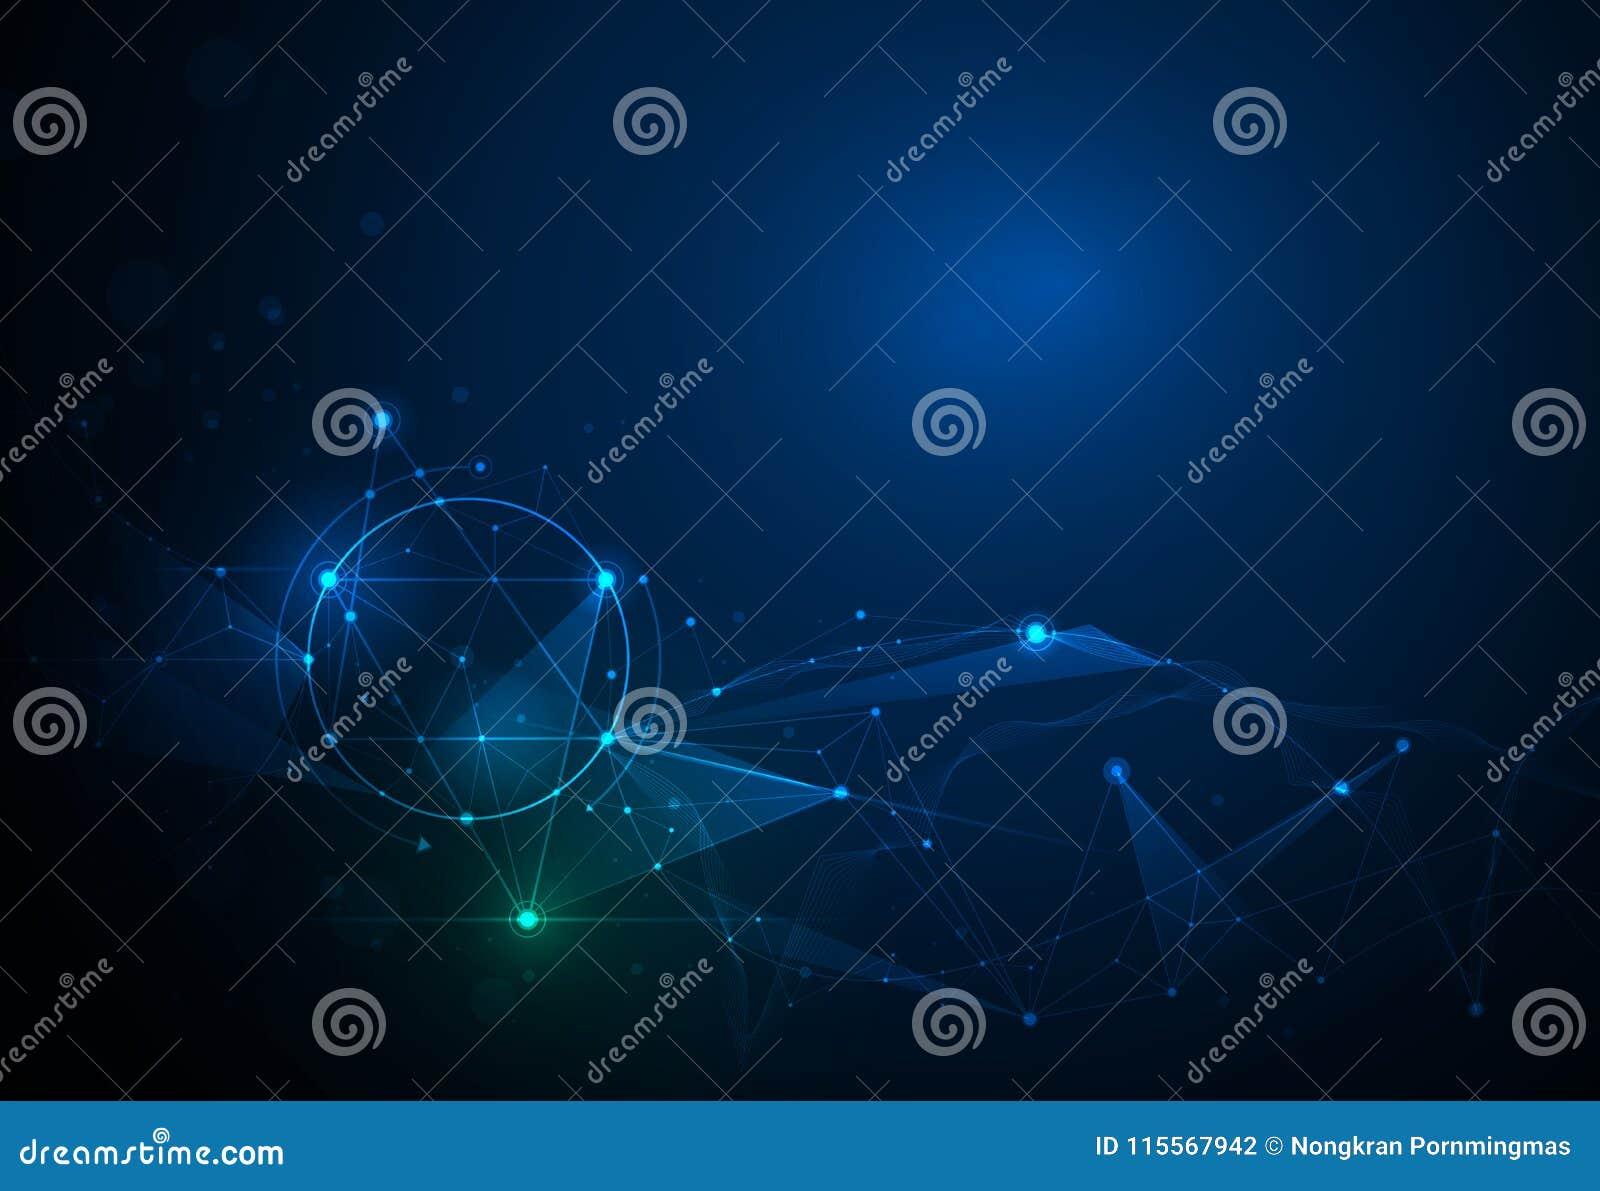 Illustratie Abstracte Molecules en 3D Netwerk met Cirkels, Lijnen, Geometrisch, Veelhoekig, Driehoekspatroon